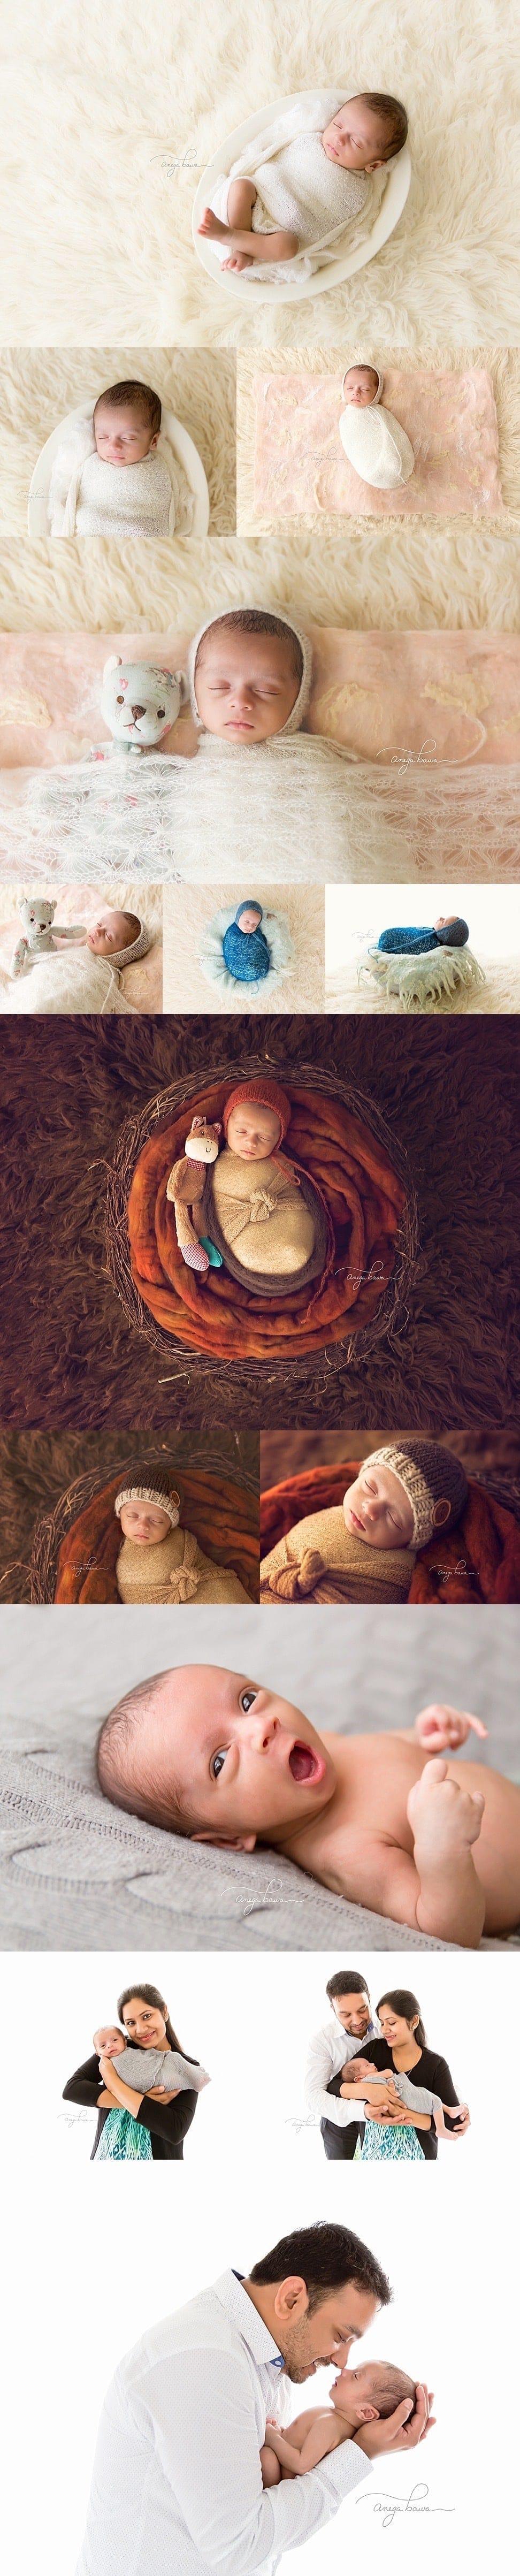 infant photography noida gurgaon